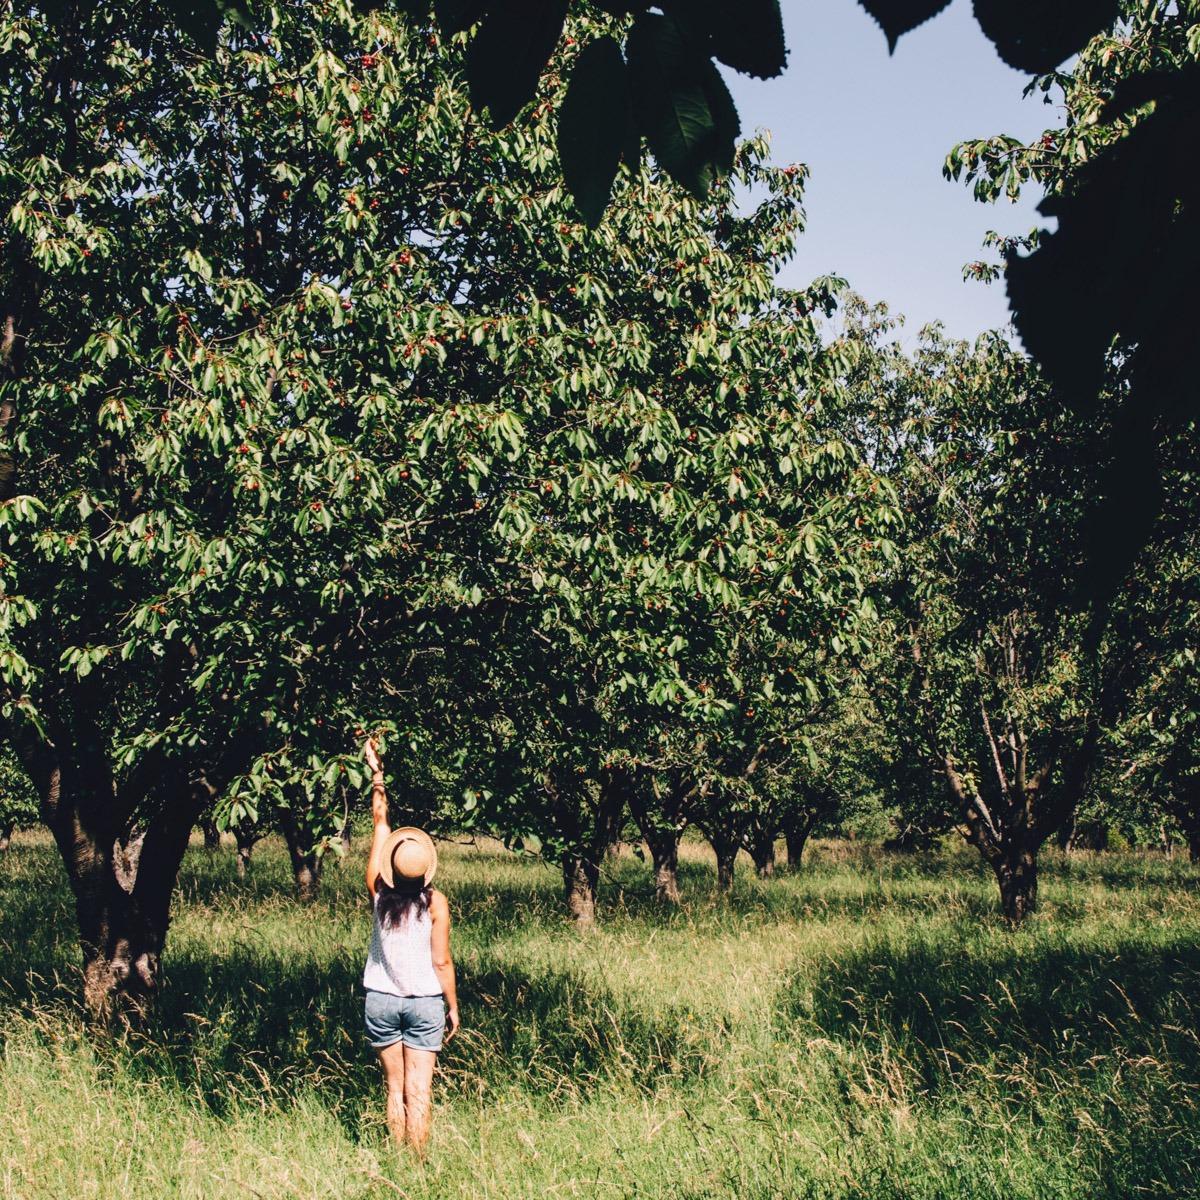 Juli Update - Kirschen pflücken am Kyffhäuser - Sommer in Deutschland von seiner schönsten Seite